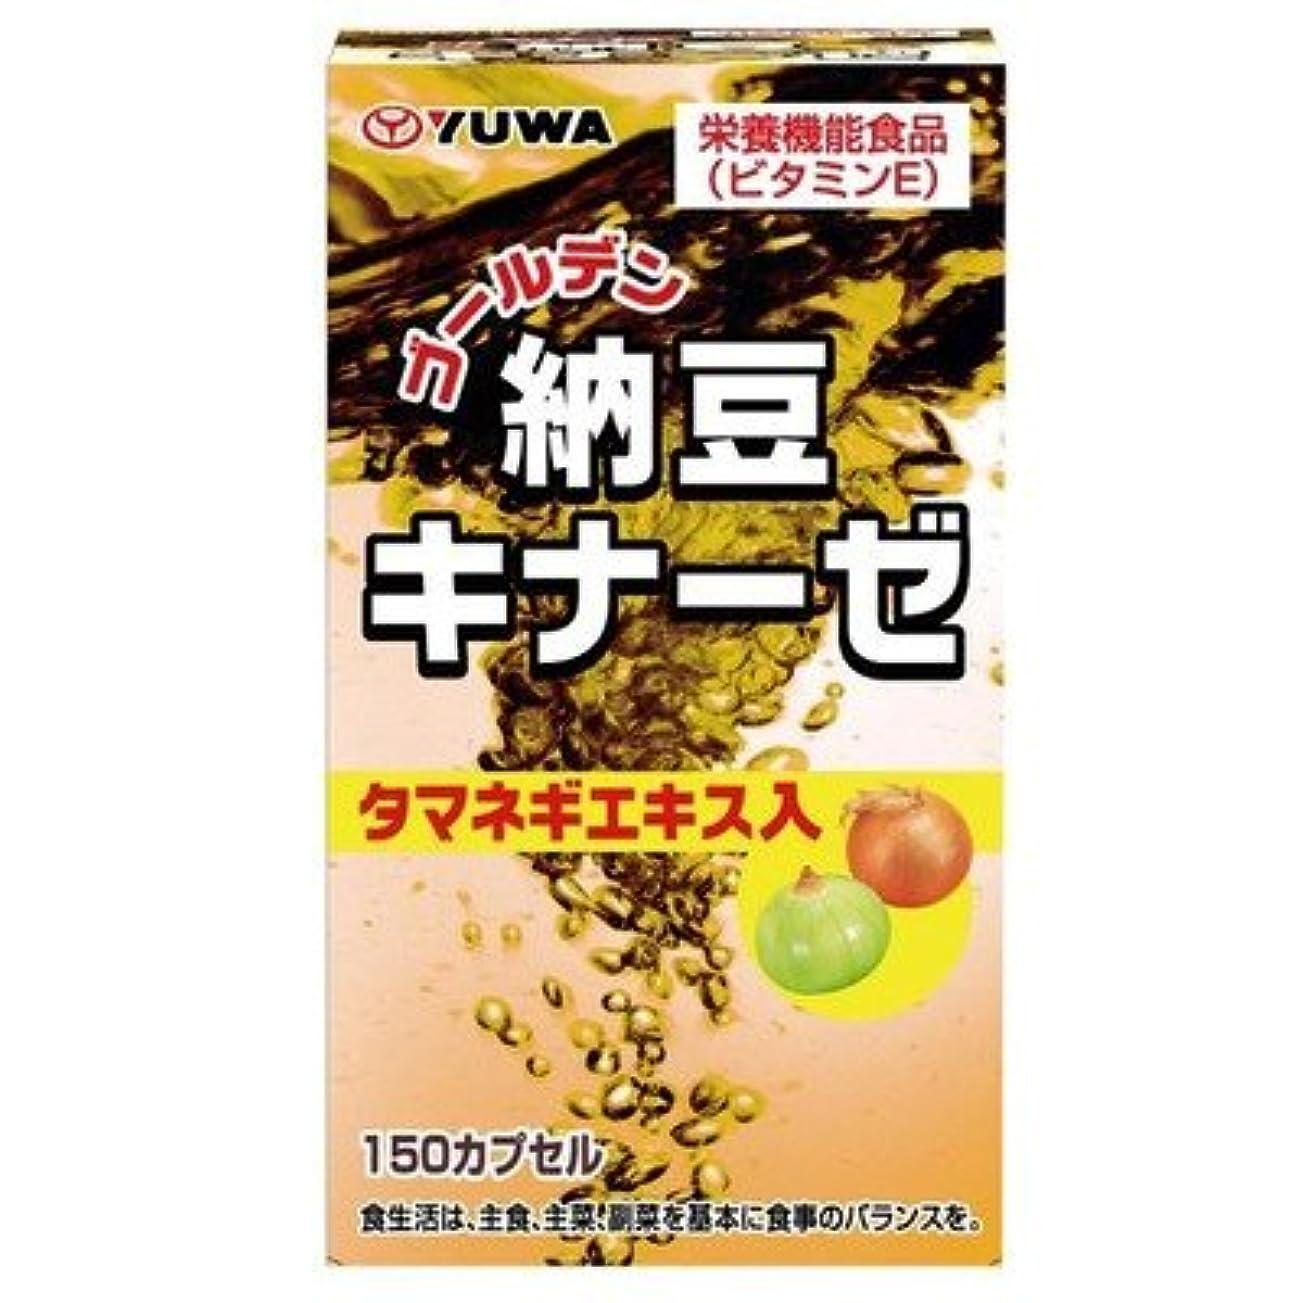 サラダペインティング飼料ユーワ ゴールデン納豆キナーゼ タマネギエキス入 63g(420mg×150粒) 1627